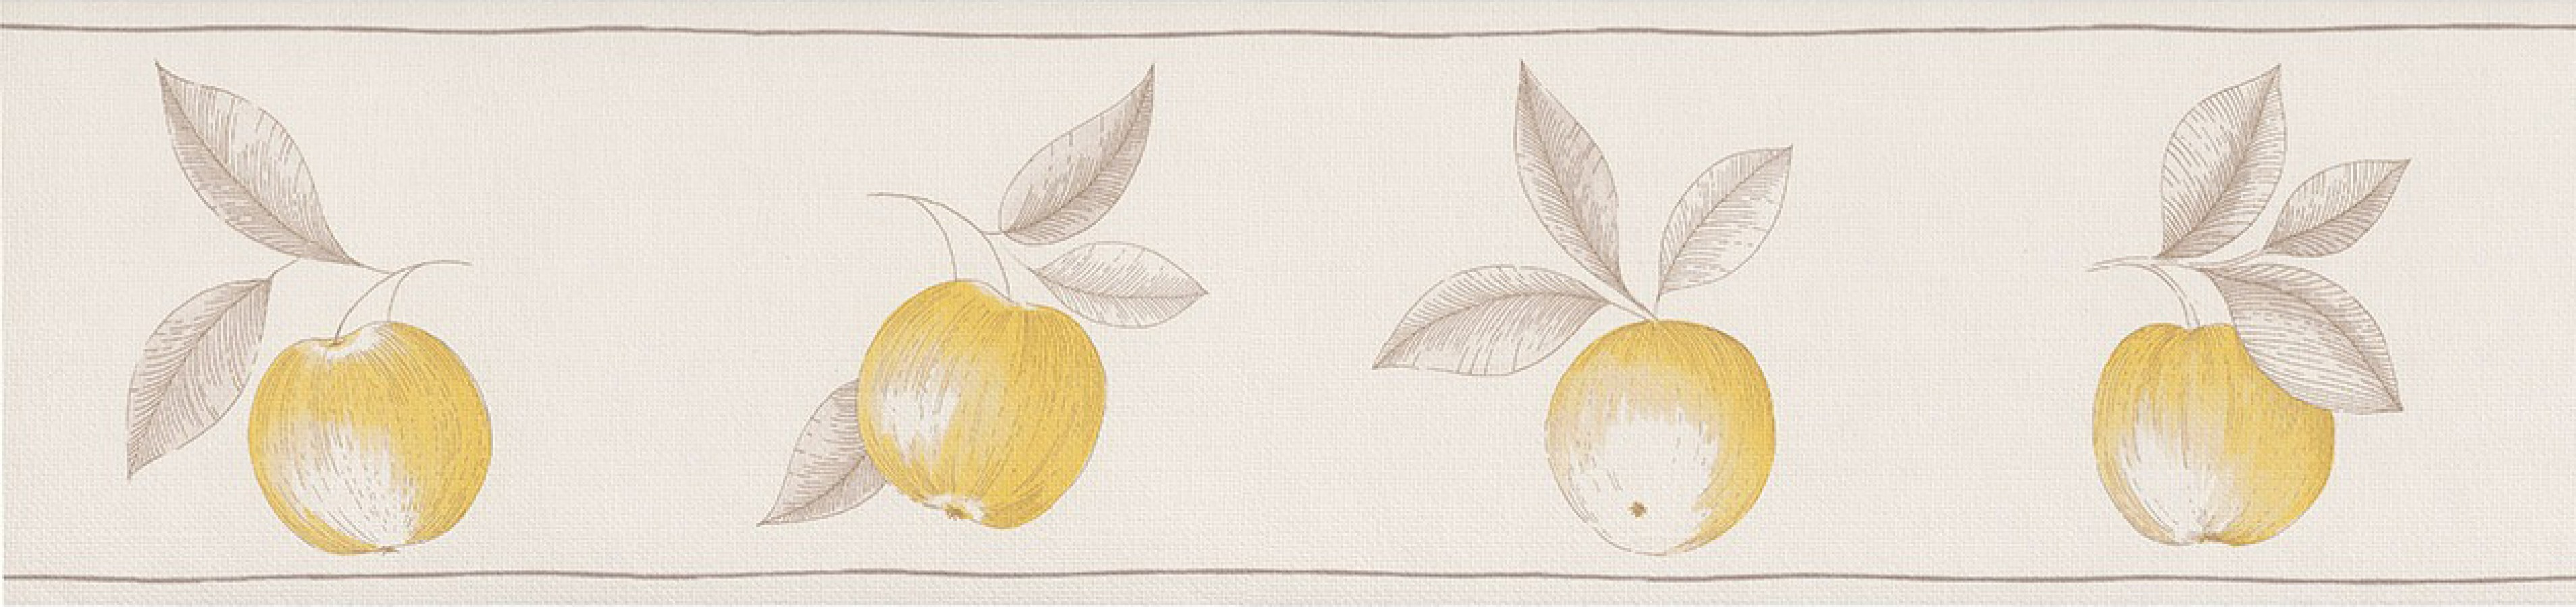 Cenefa frutos artísticos con hojas amarillo vainilla Natural Cooking 342704